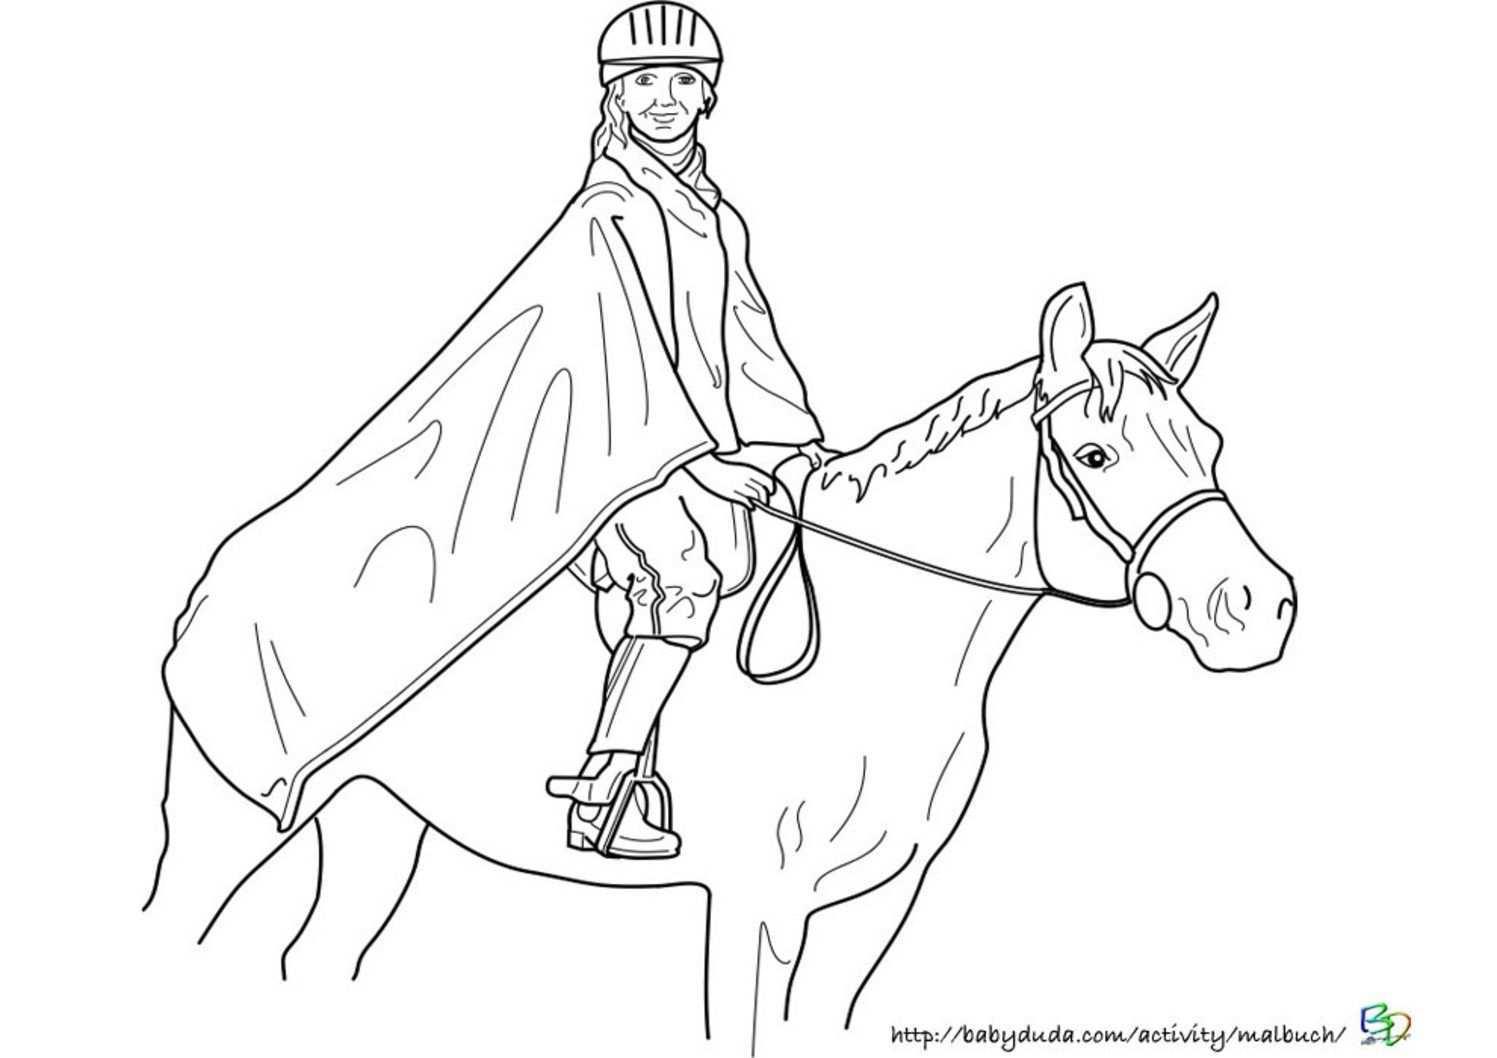 Pferdebilder Ausmalen Pferdekopfe Ausmalbilder Babyduda Malbuch Ausmalbilder Zum Ausdrucken Ausmalbilder Pferde Zum Ausdrucken Clipart Kostenlos